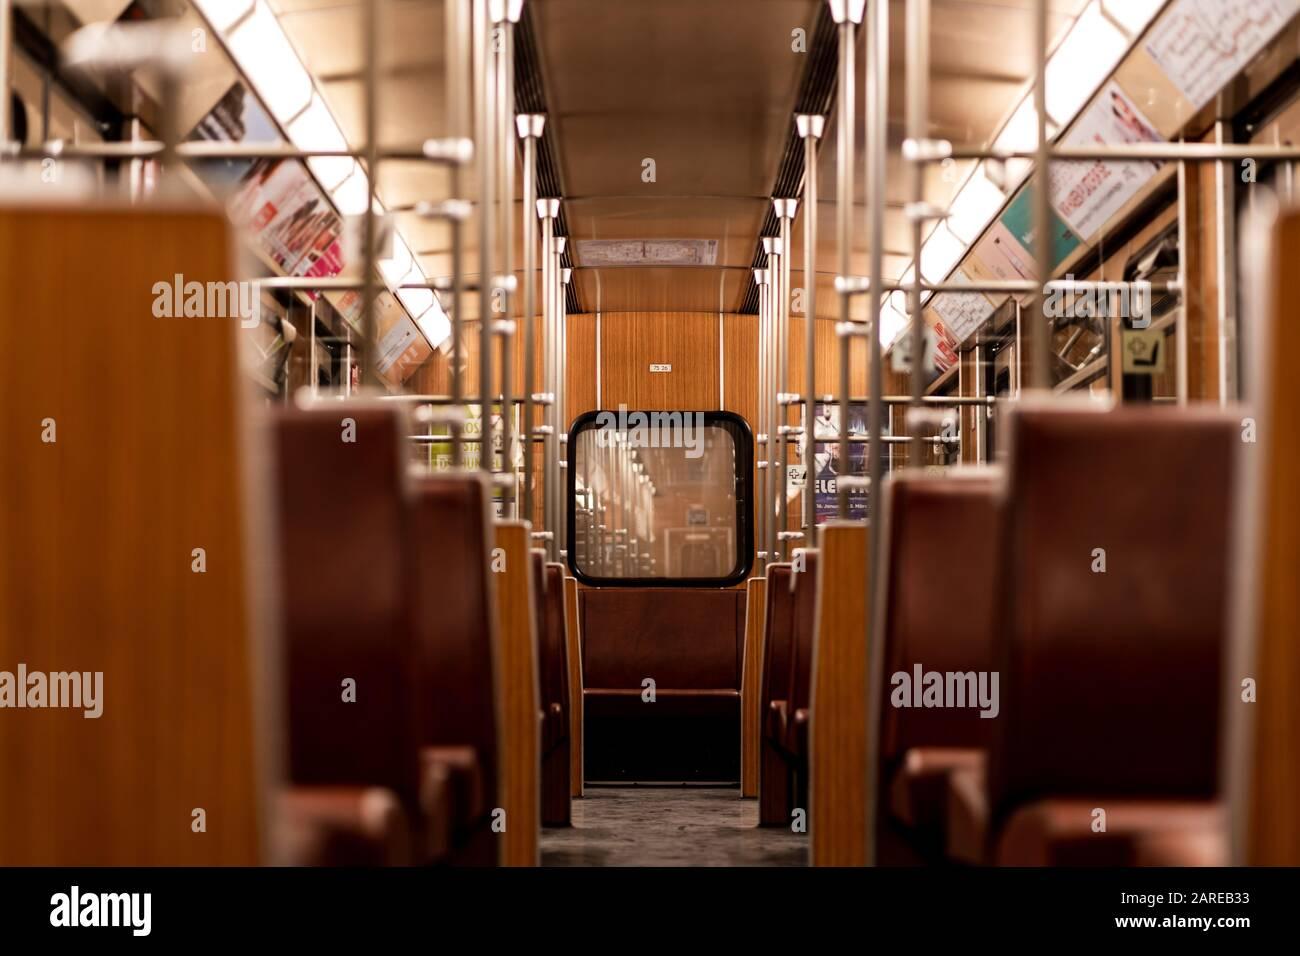 Munich, ALEMANIA - 25 de enero de 2020: Interior de los antiguos trenes de metro antiguos en Munich. La gente bávara se desplazara diariamente con estos trenes. Tren subterráneo vacío Foto de stock